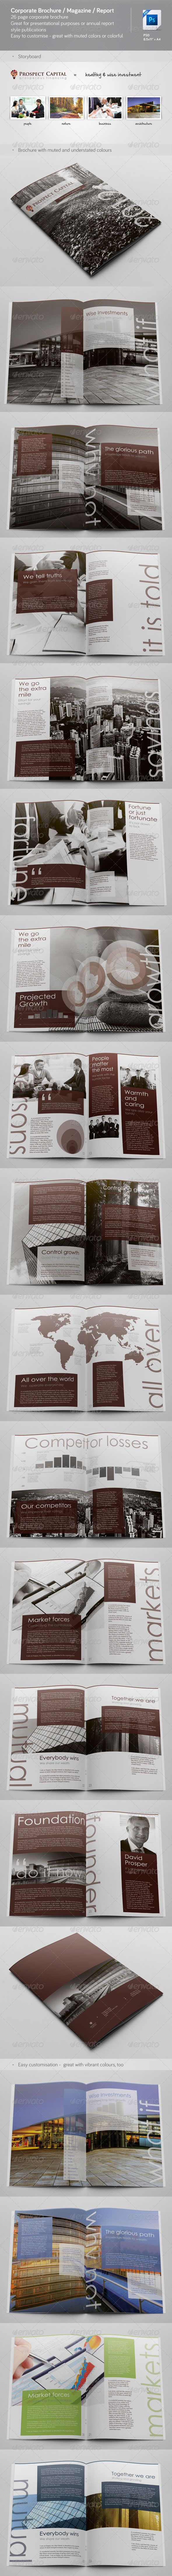 Corporate Brochure / Magazine / Annual Report